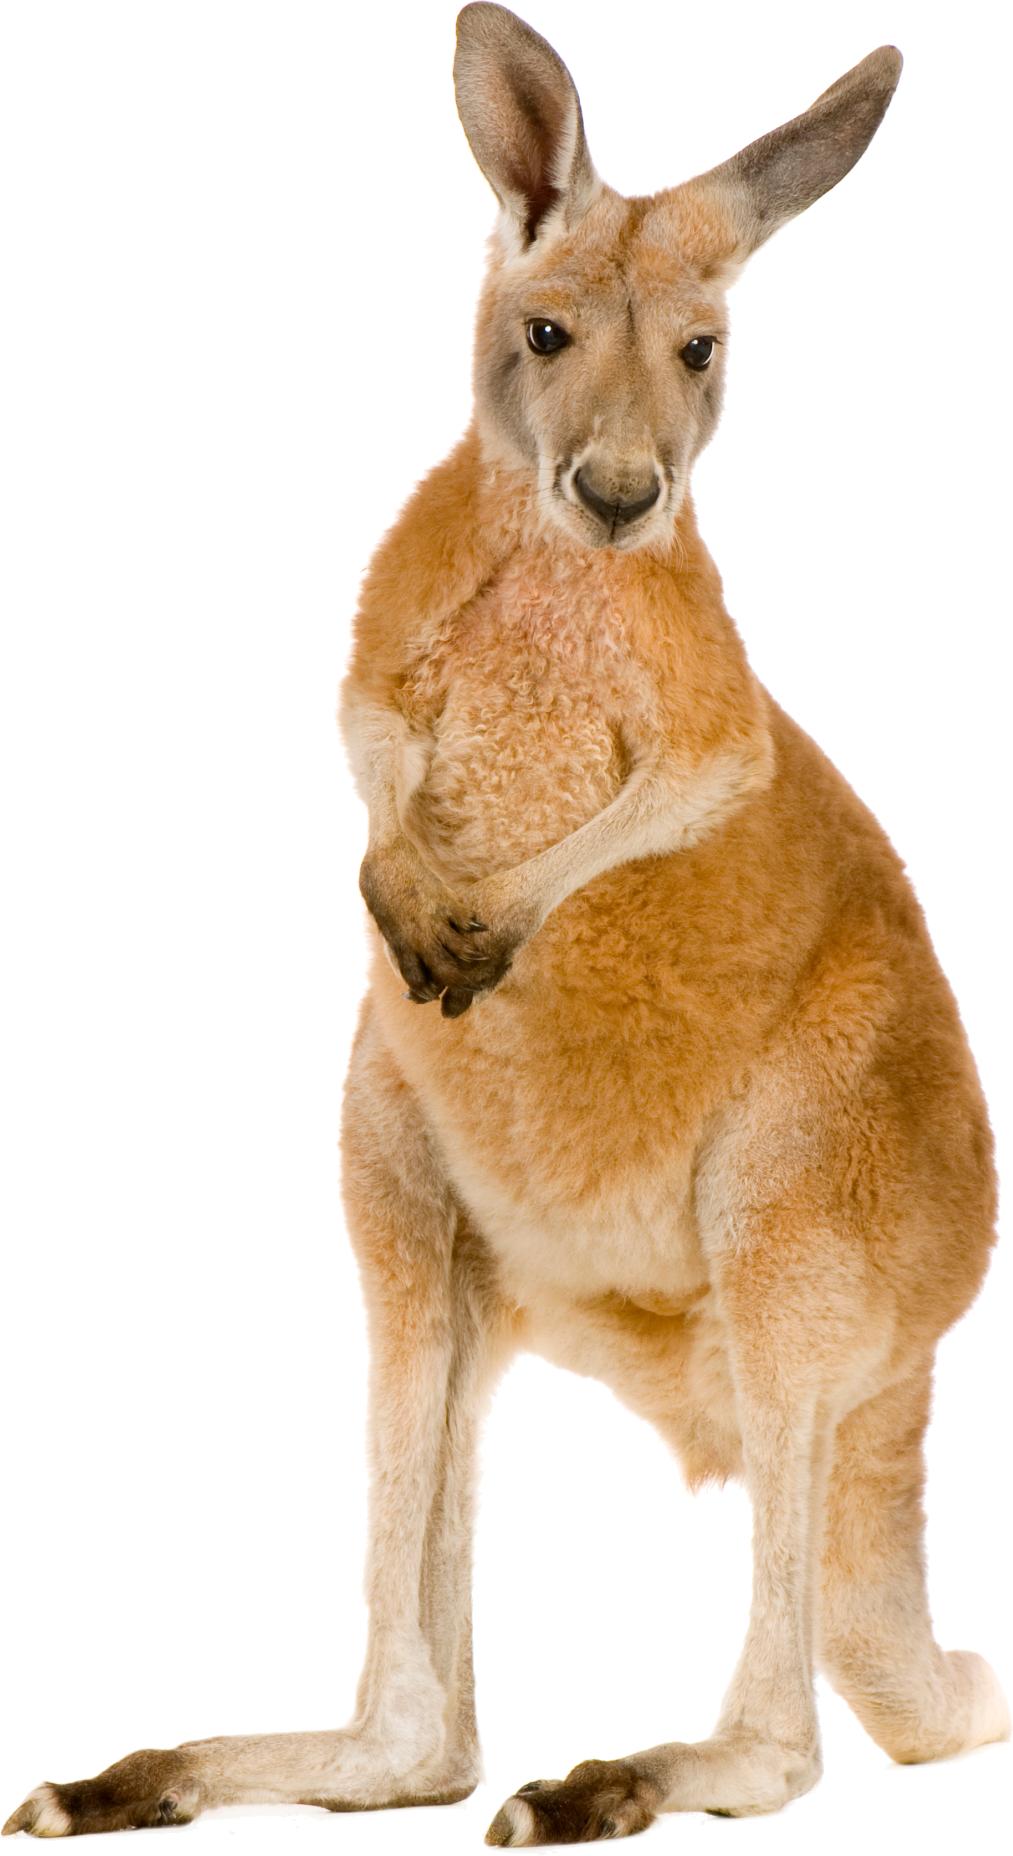 Kangaroo PNG images free download